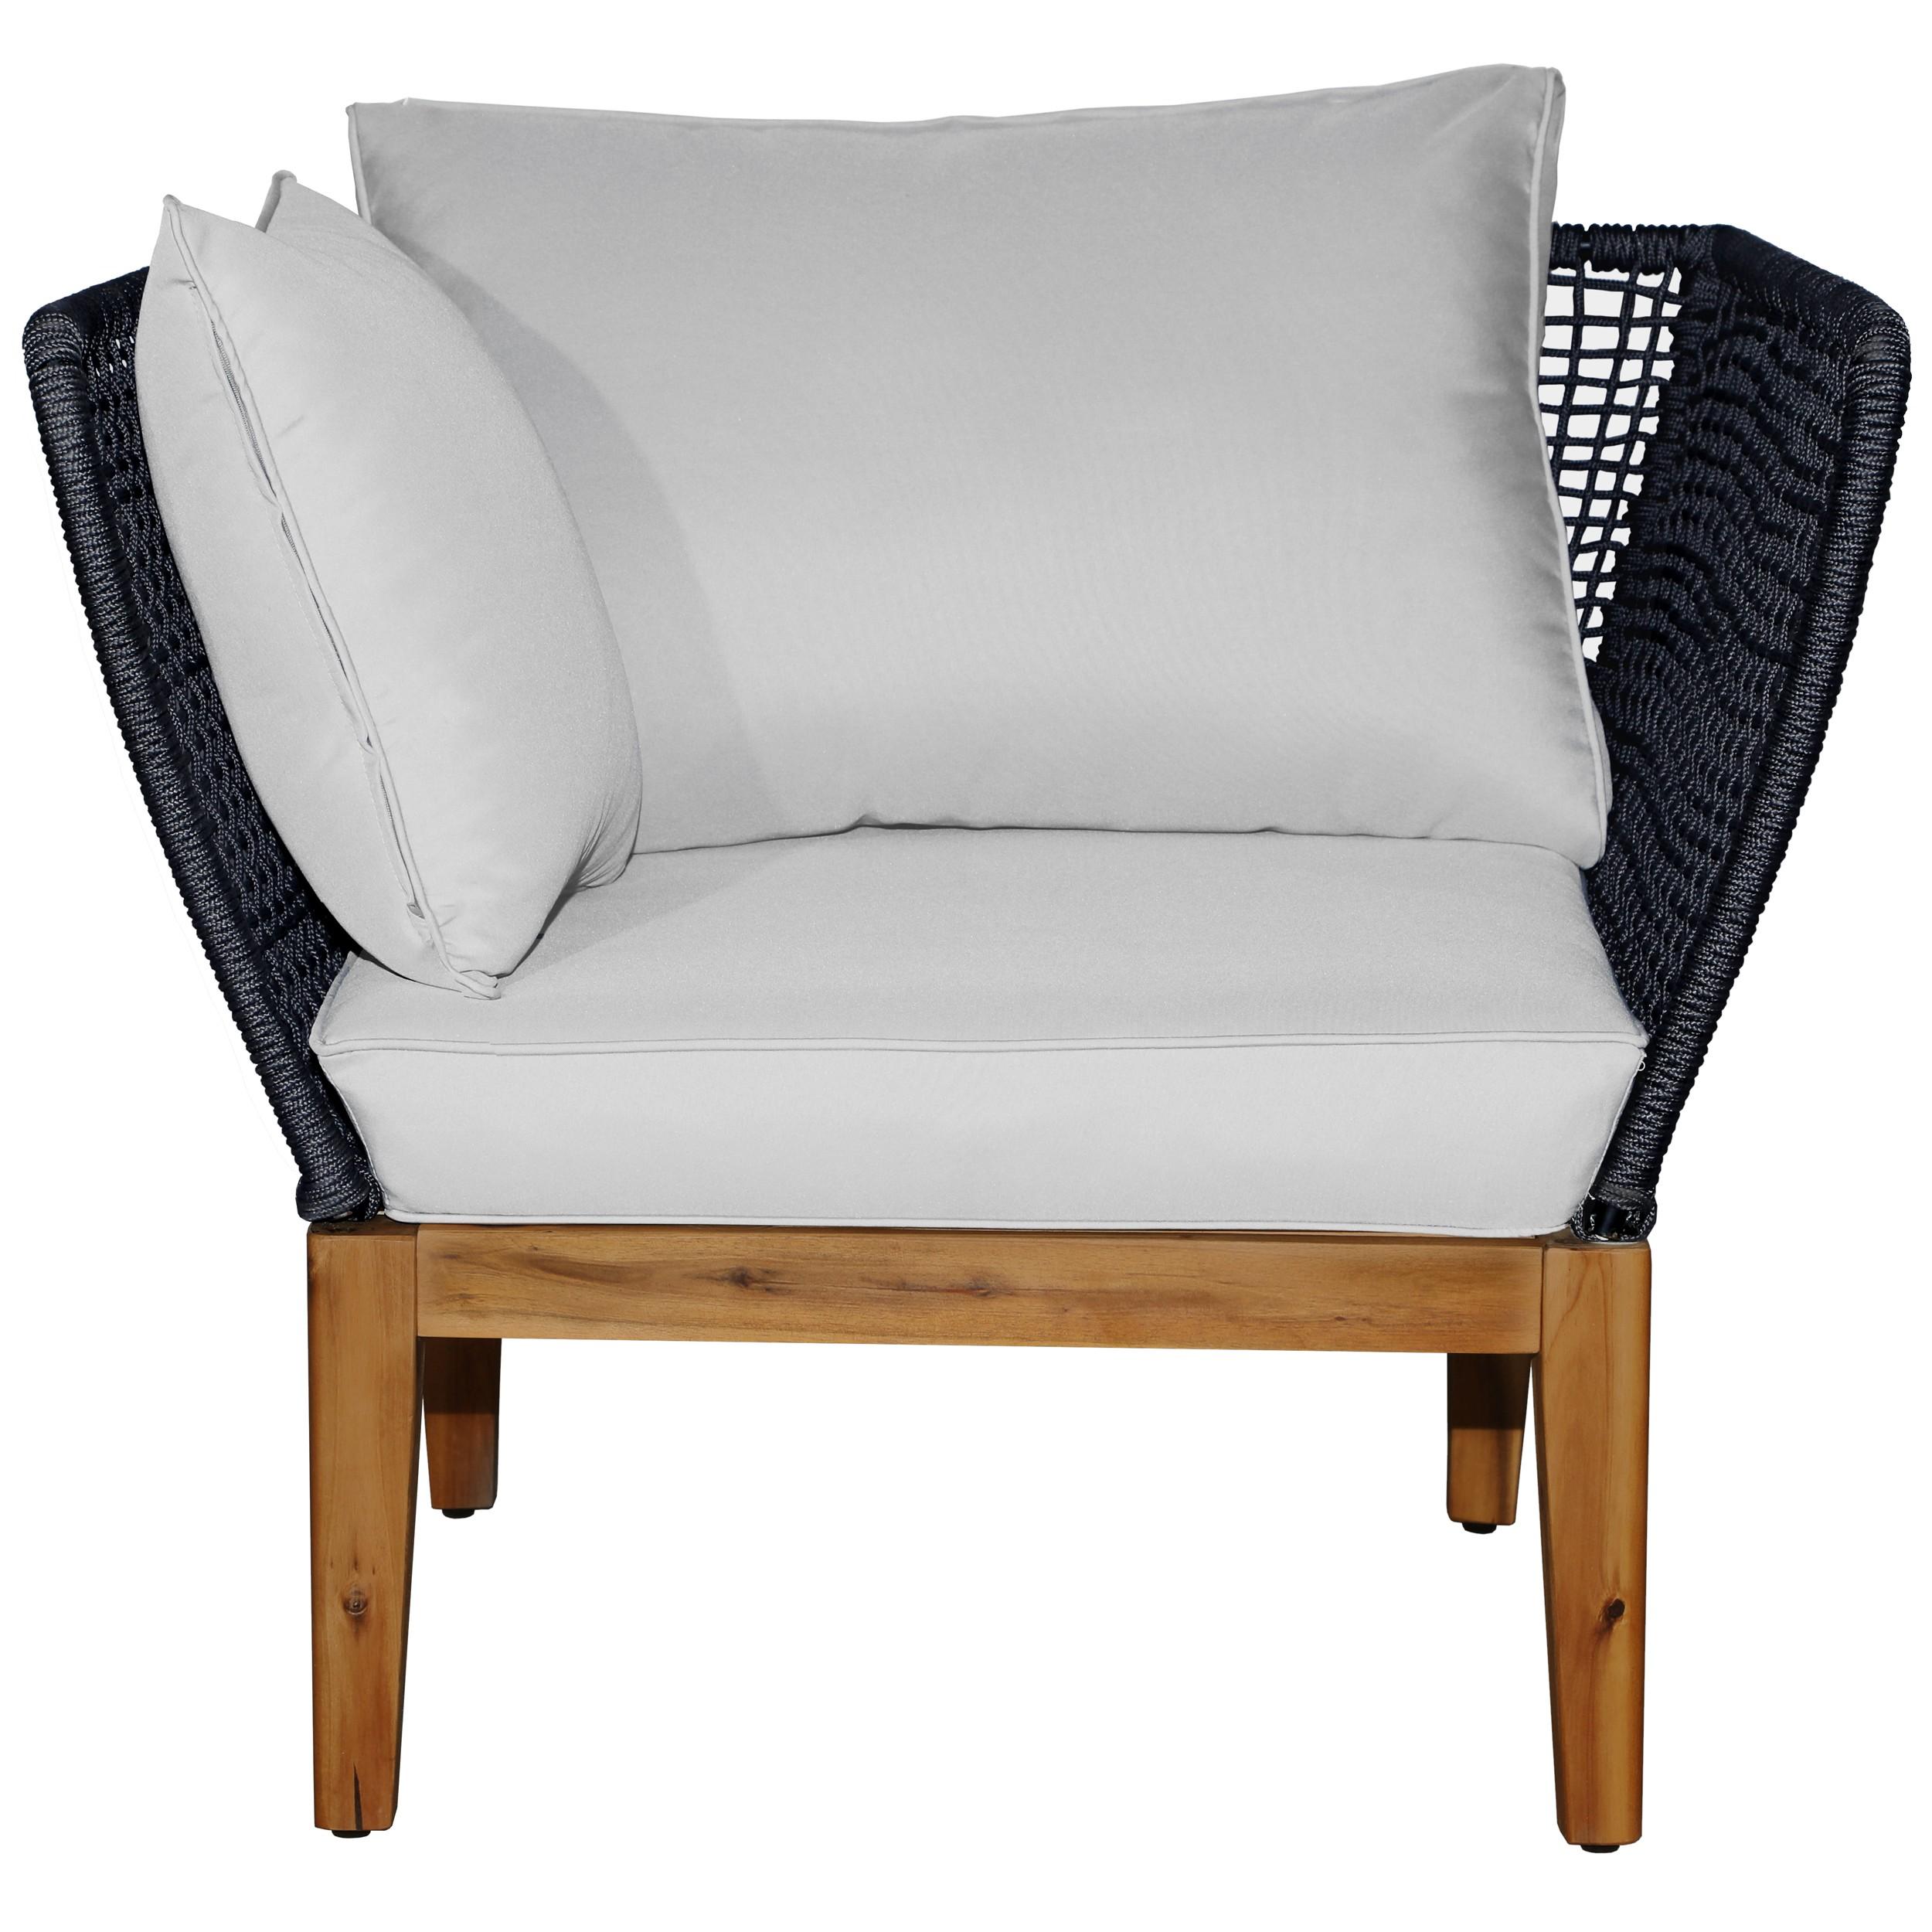 acheter fauteuil corde tissee pieds bois